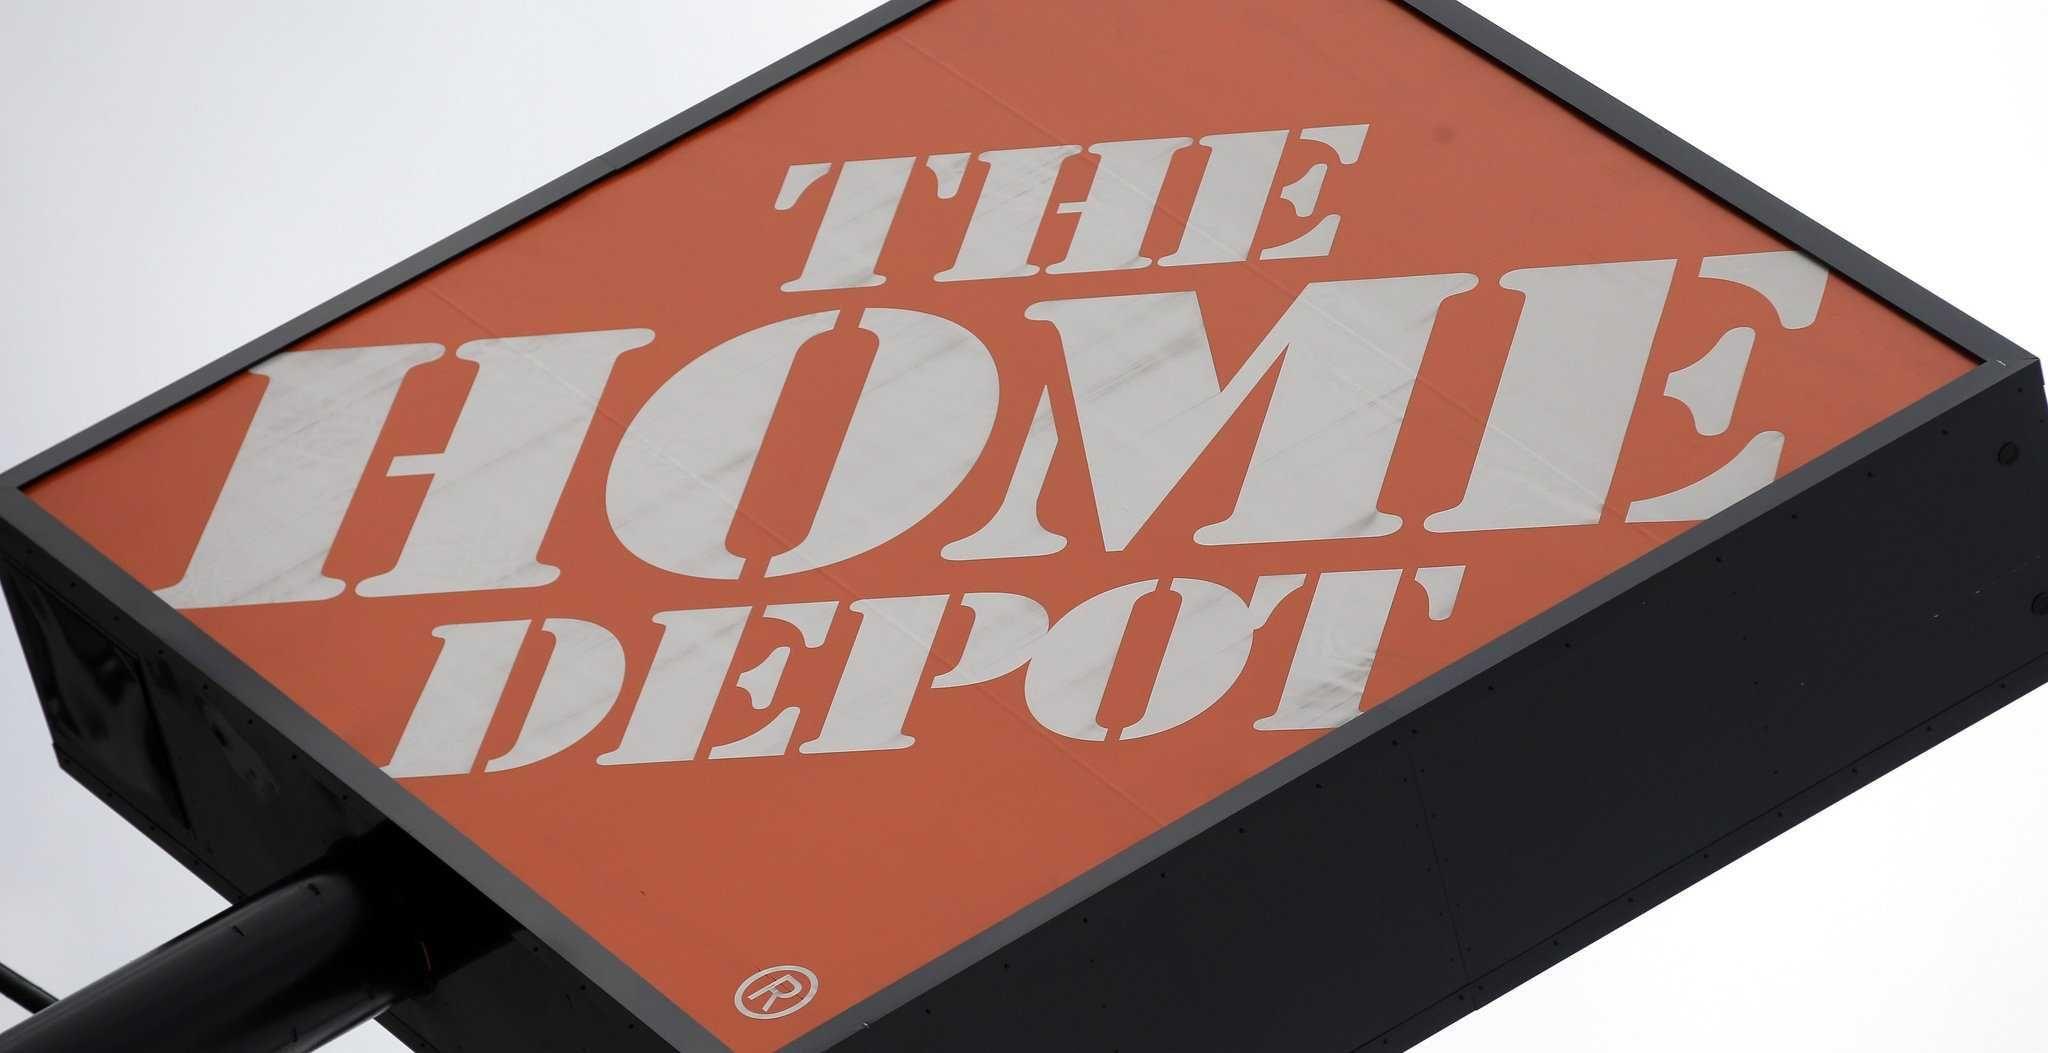 Homedepot credit card elegant homedepot credit card